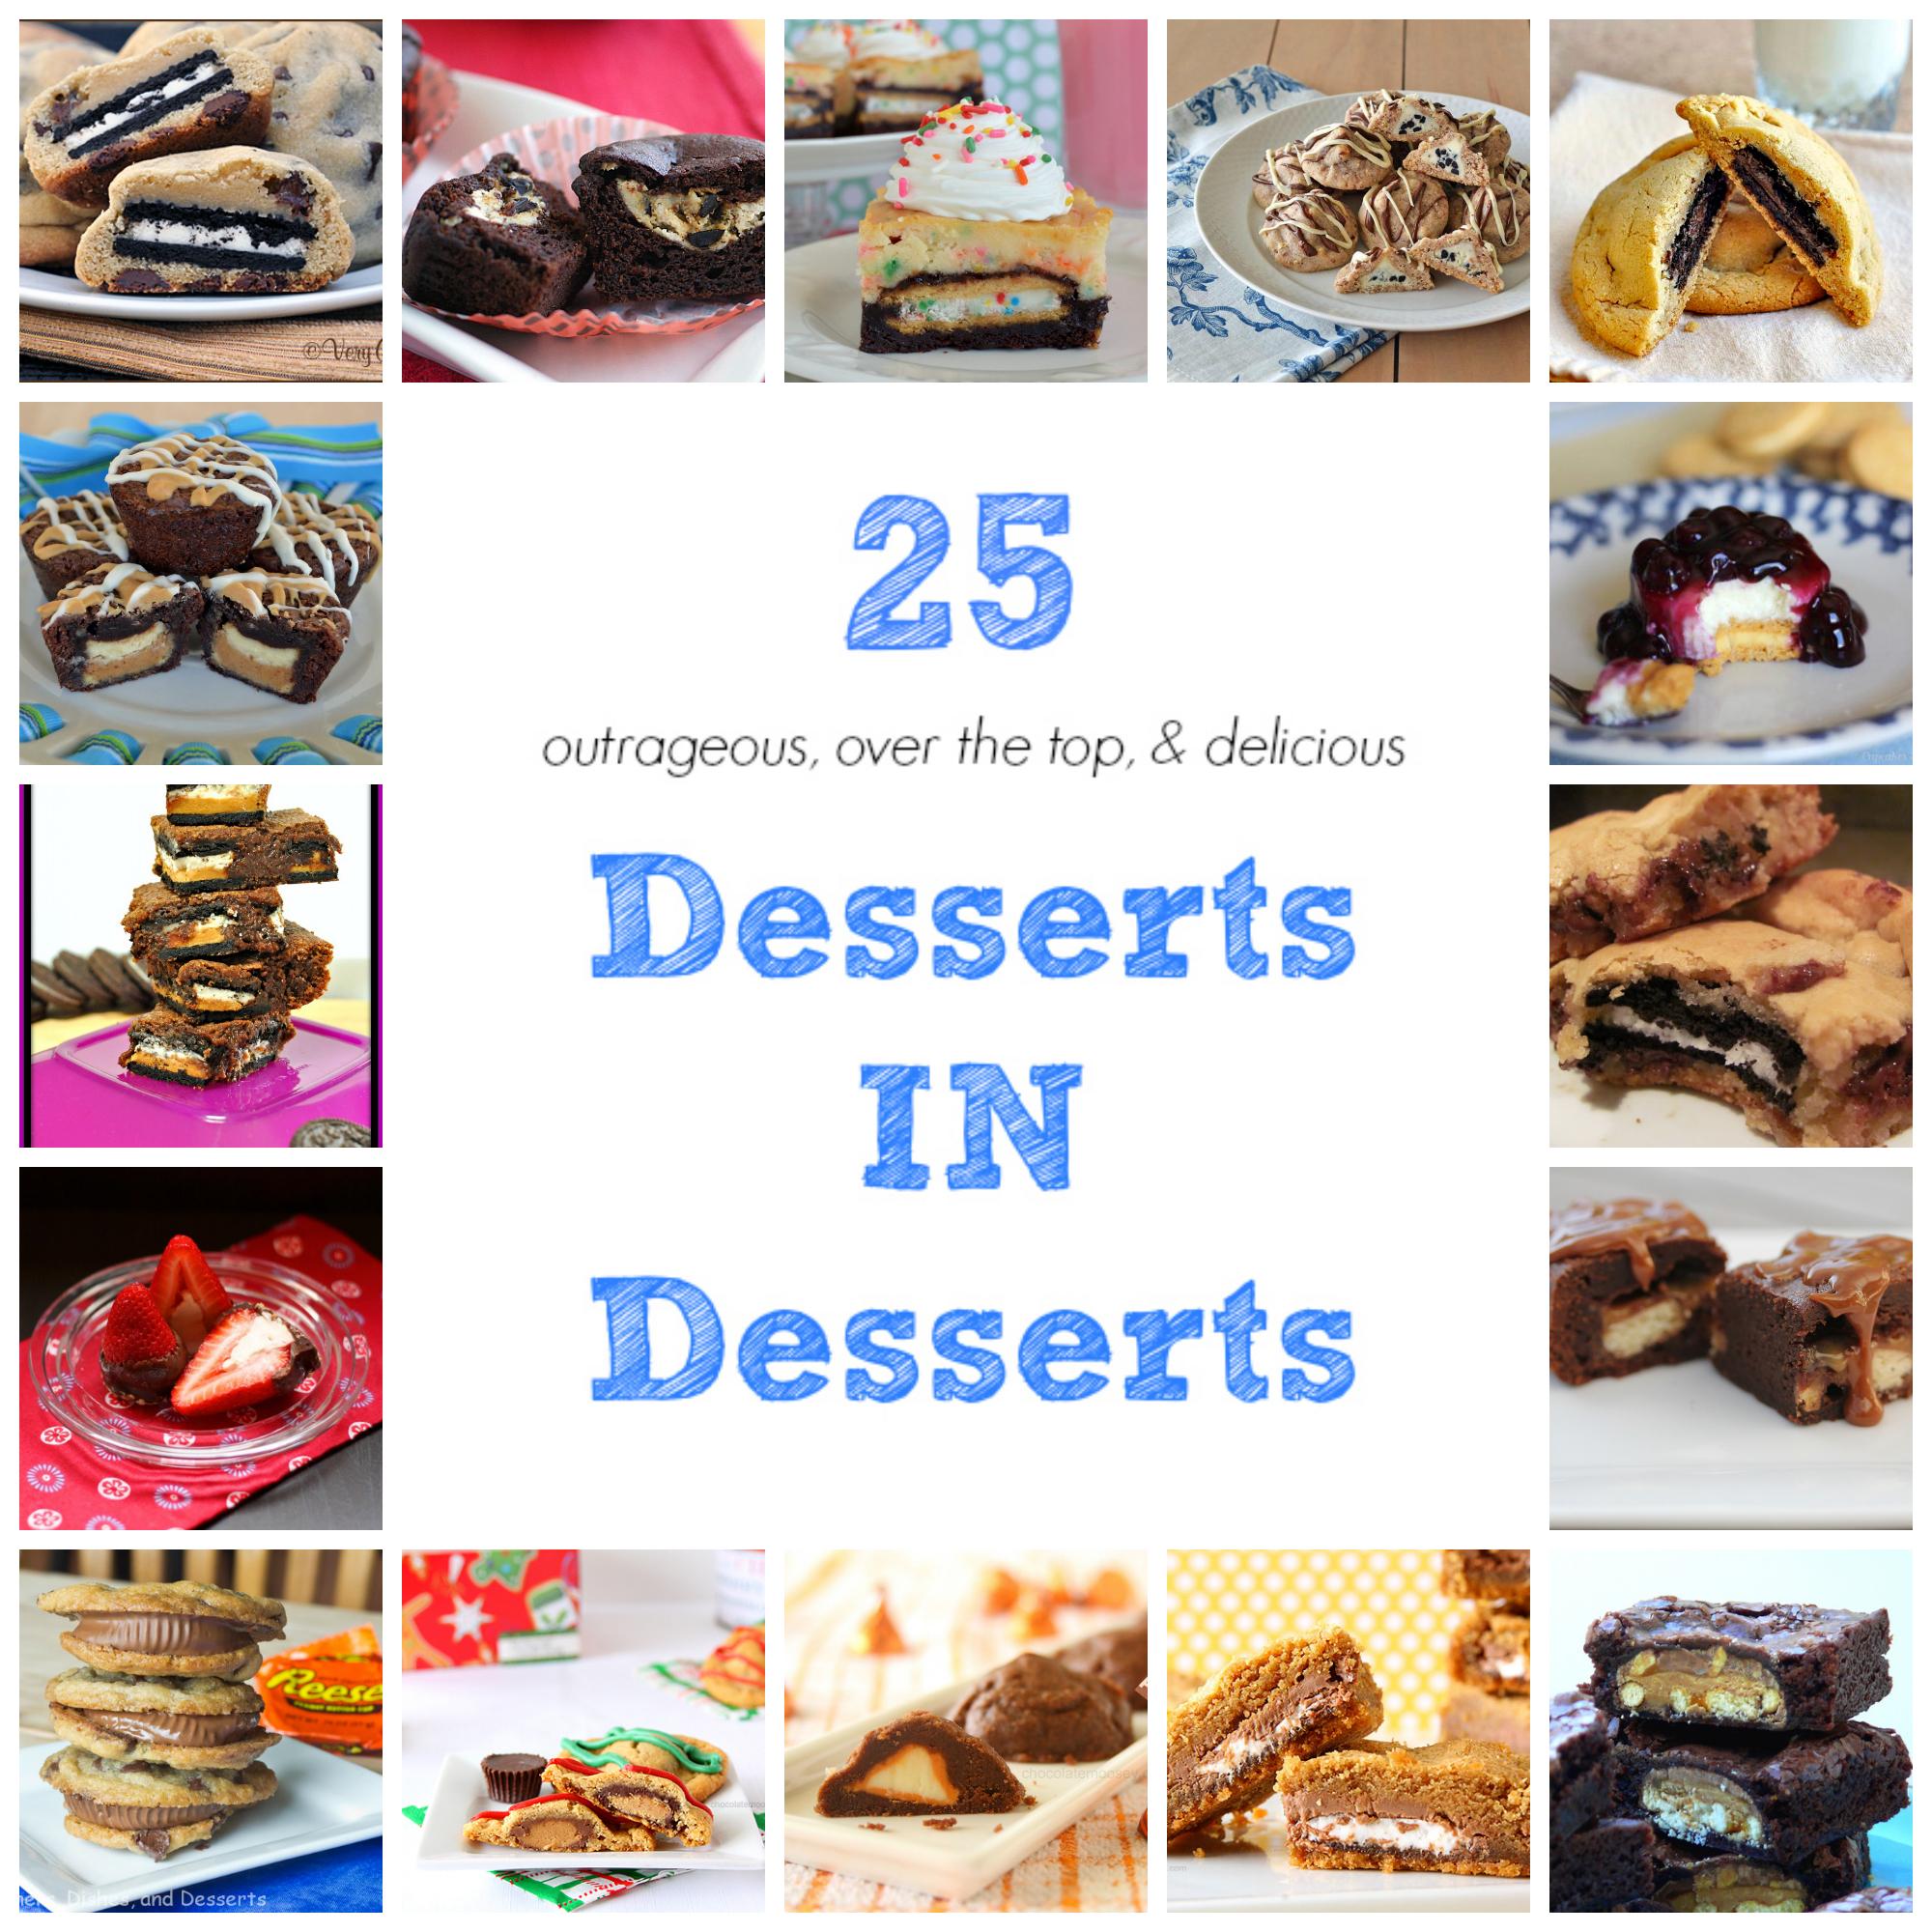 25 Desserts IN Desserts